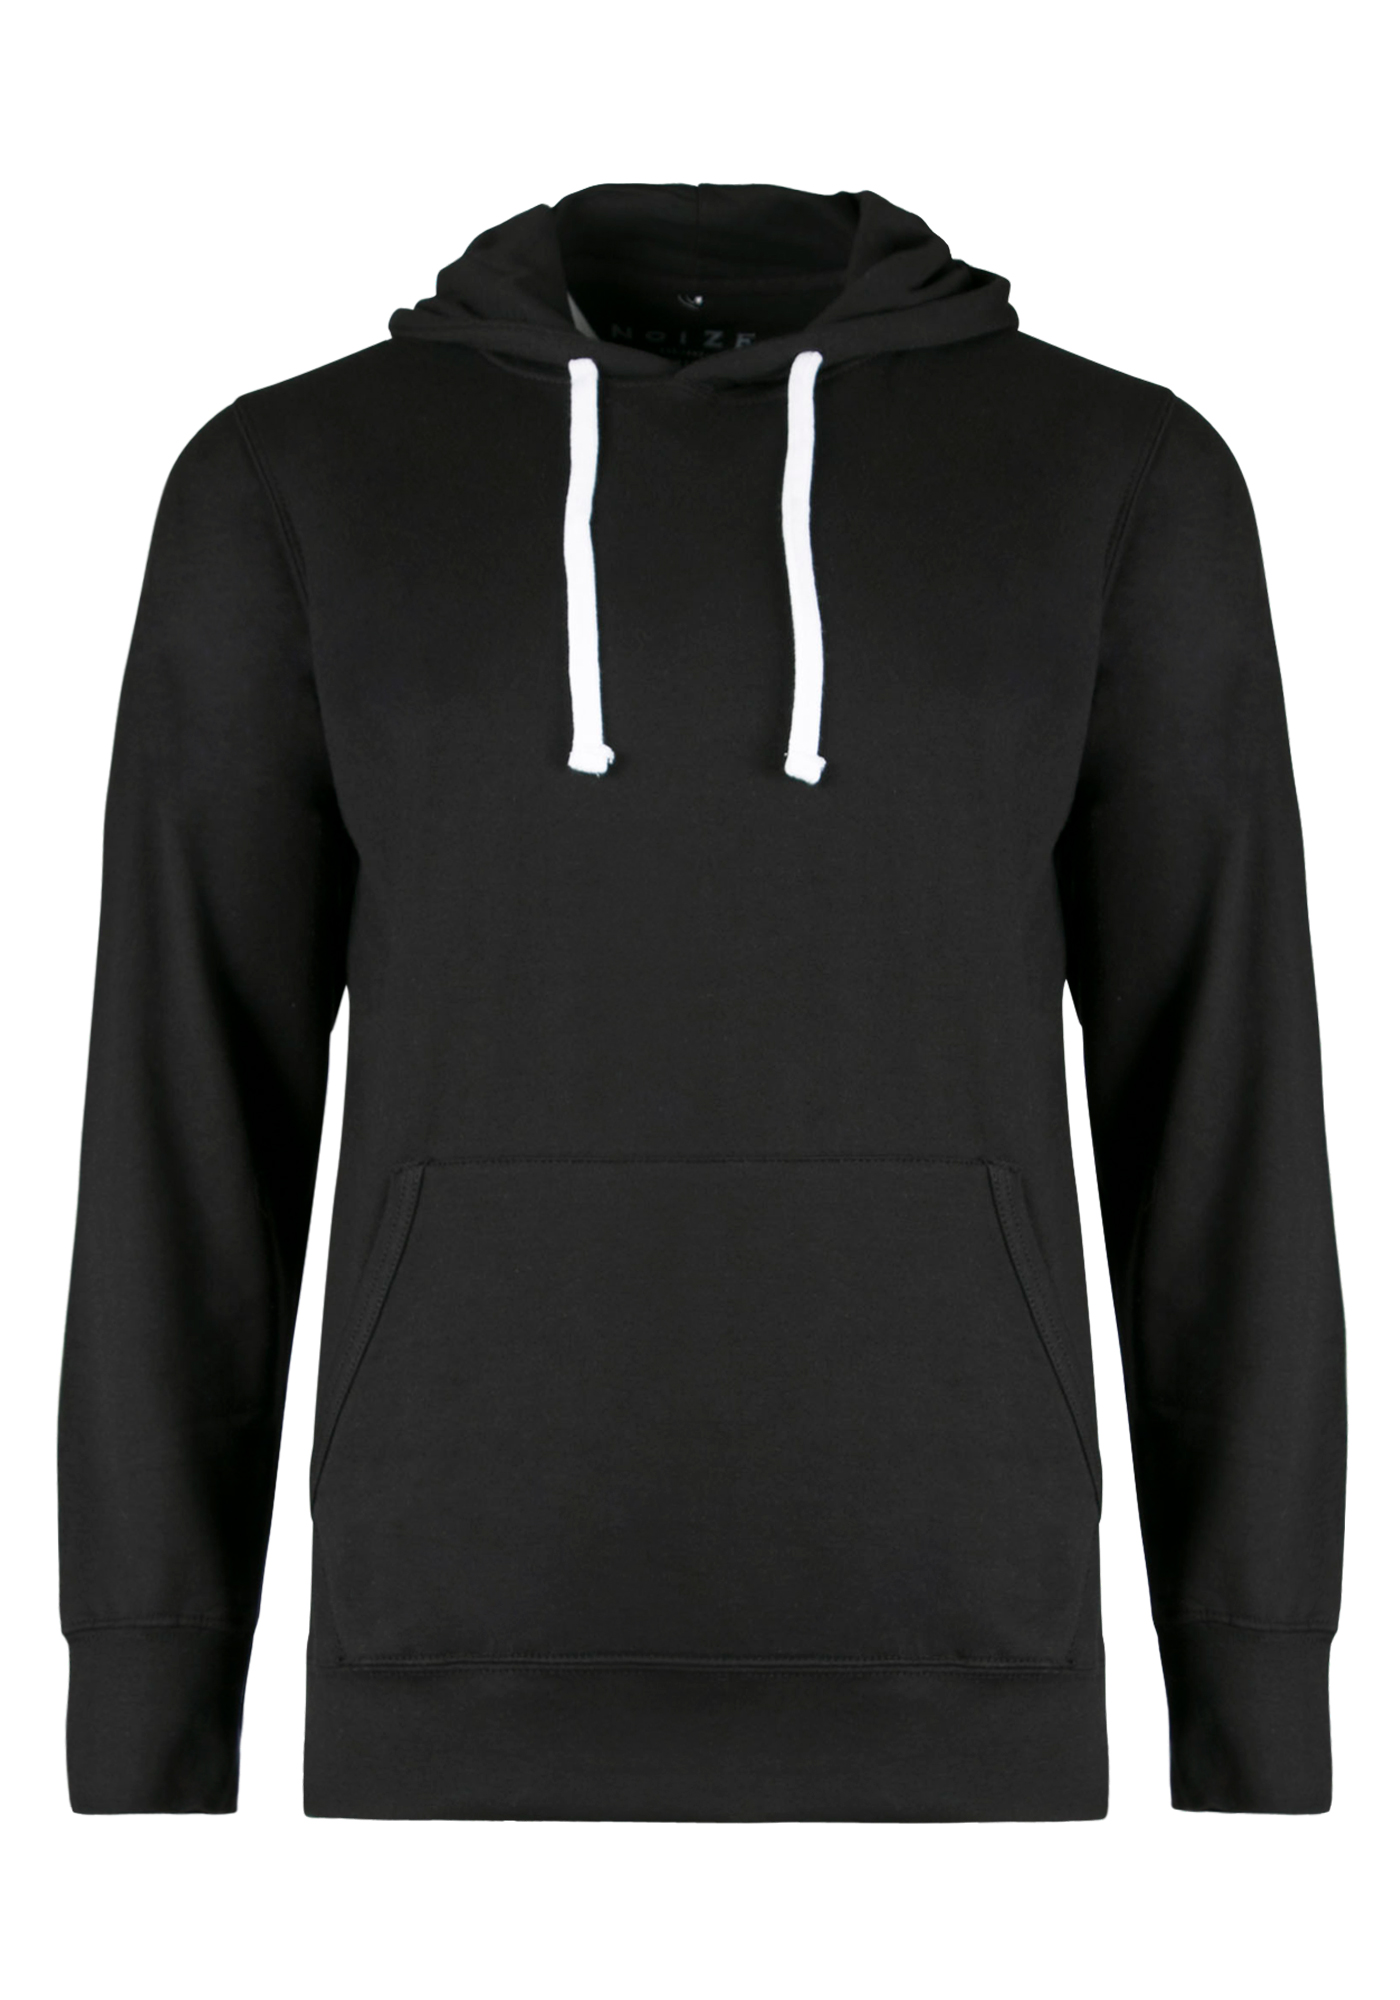 Popover hoodies